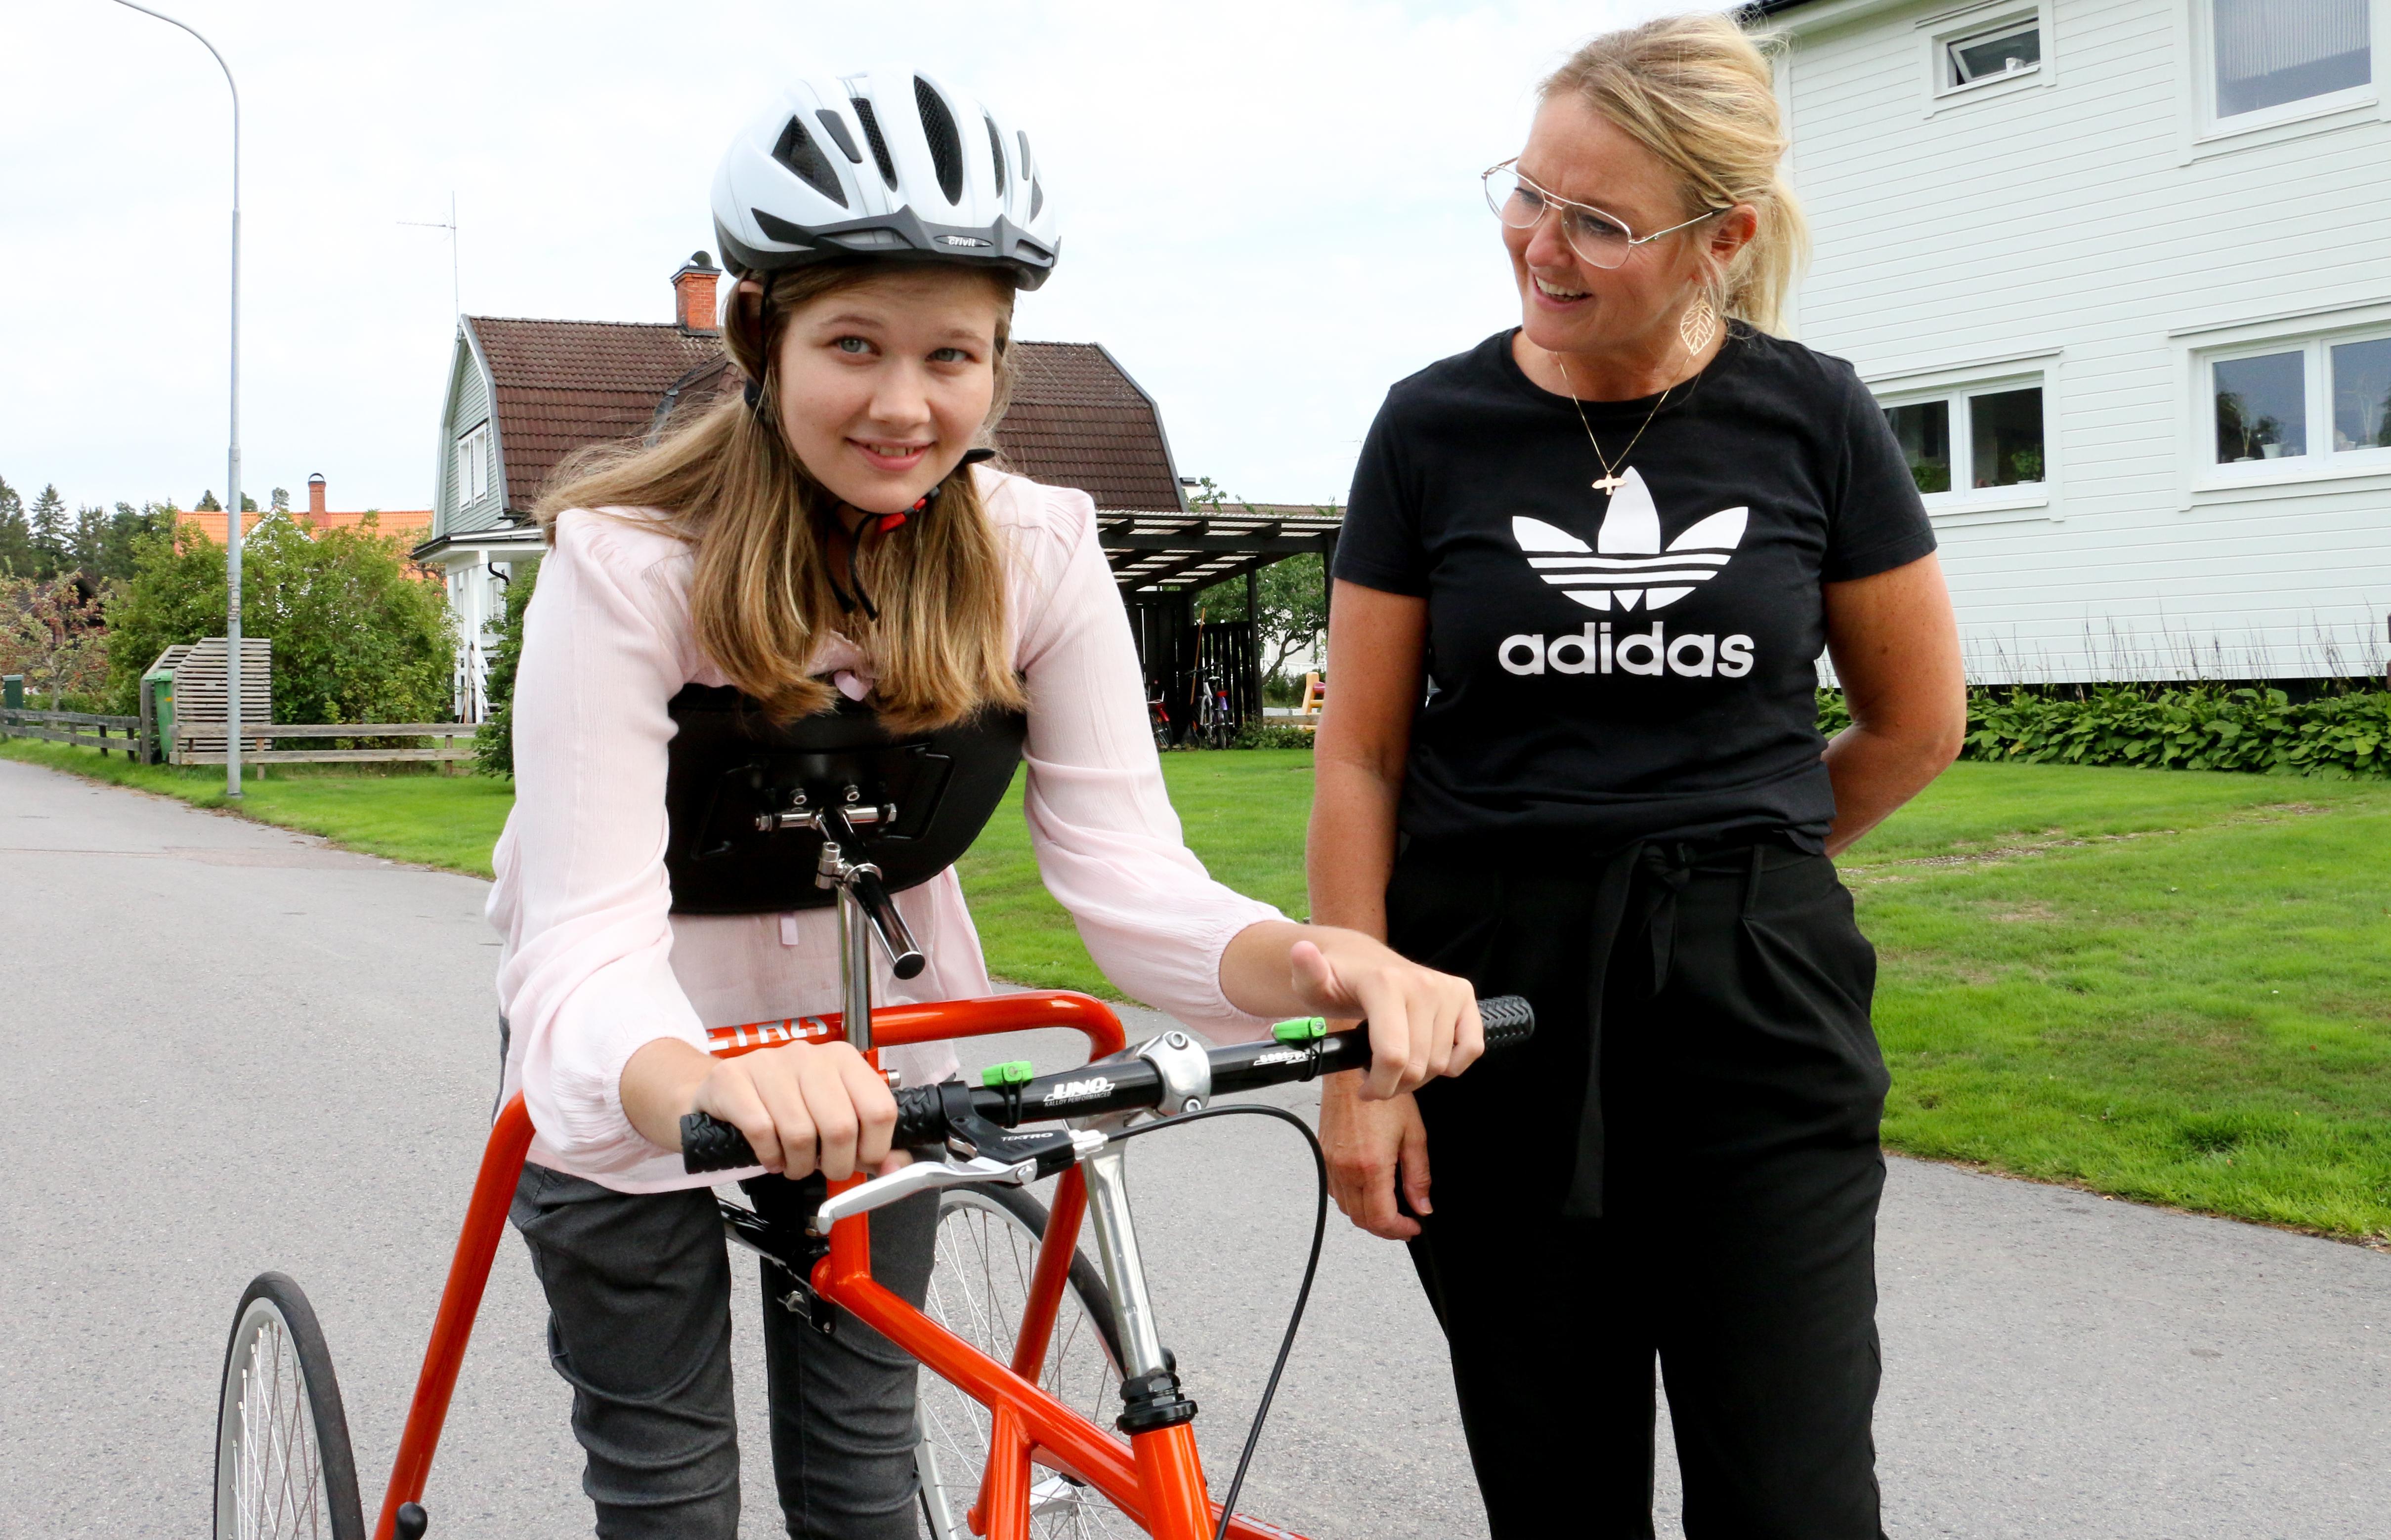 Sarah Båthman från Kumla är en av trettio svenskar med de ovanliga diagnosen CDG 1a, som bland annat innebär att man har svaga muskler och svårigheter med balansen. Första helgen i september åkte hon tillsammans med sin mamma Eva-Marie för att vara med på Nordiskt CDG-möte.